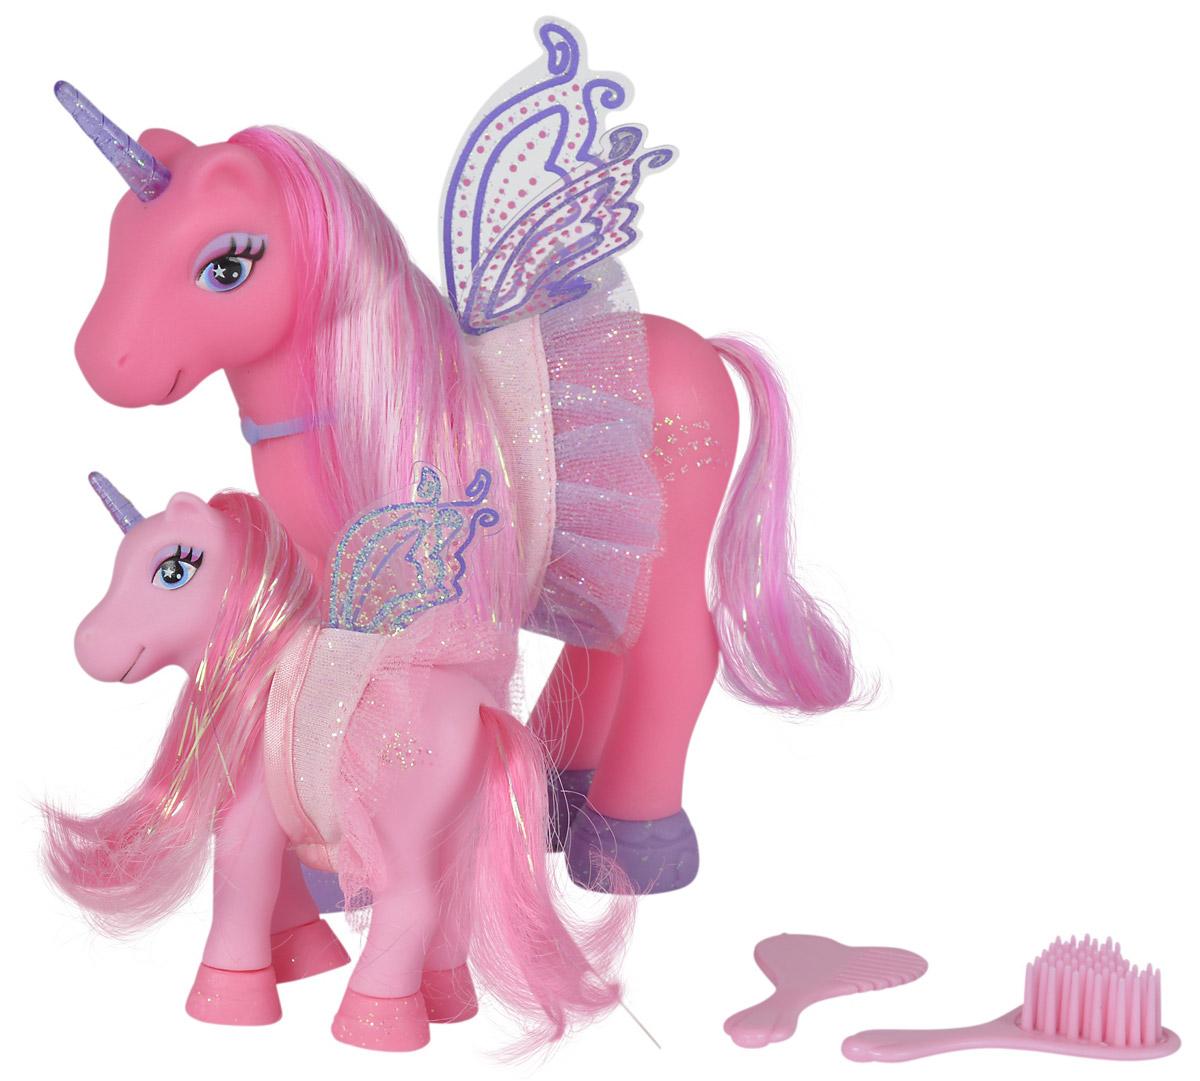 Simba Набор фигурок Сказочные пони-феи цвет розовый 2 шт5945234_розовый/светло-розовыйНабор фигурок Simba Сказочные пони-феи понравится любой малышке, особенно если она любит играть с единорогами. В набор входят две фигурки единорогов фей - сказочный единорог мама и ее детеныш. Единороги имеют крылья, а также длинные шелковистые гривы, которые можно расчесывать, создавая разнообразные прически. В комплект входят 2 расчески. На пони надеты стильные накидки с оборками.